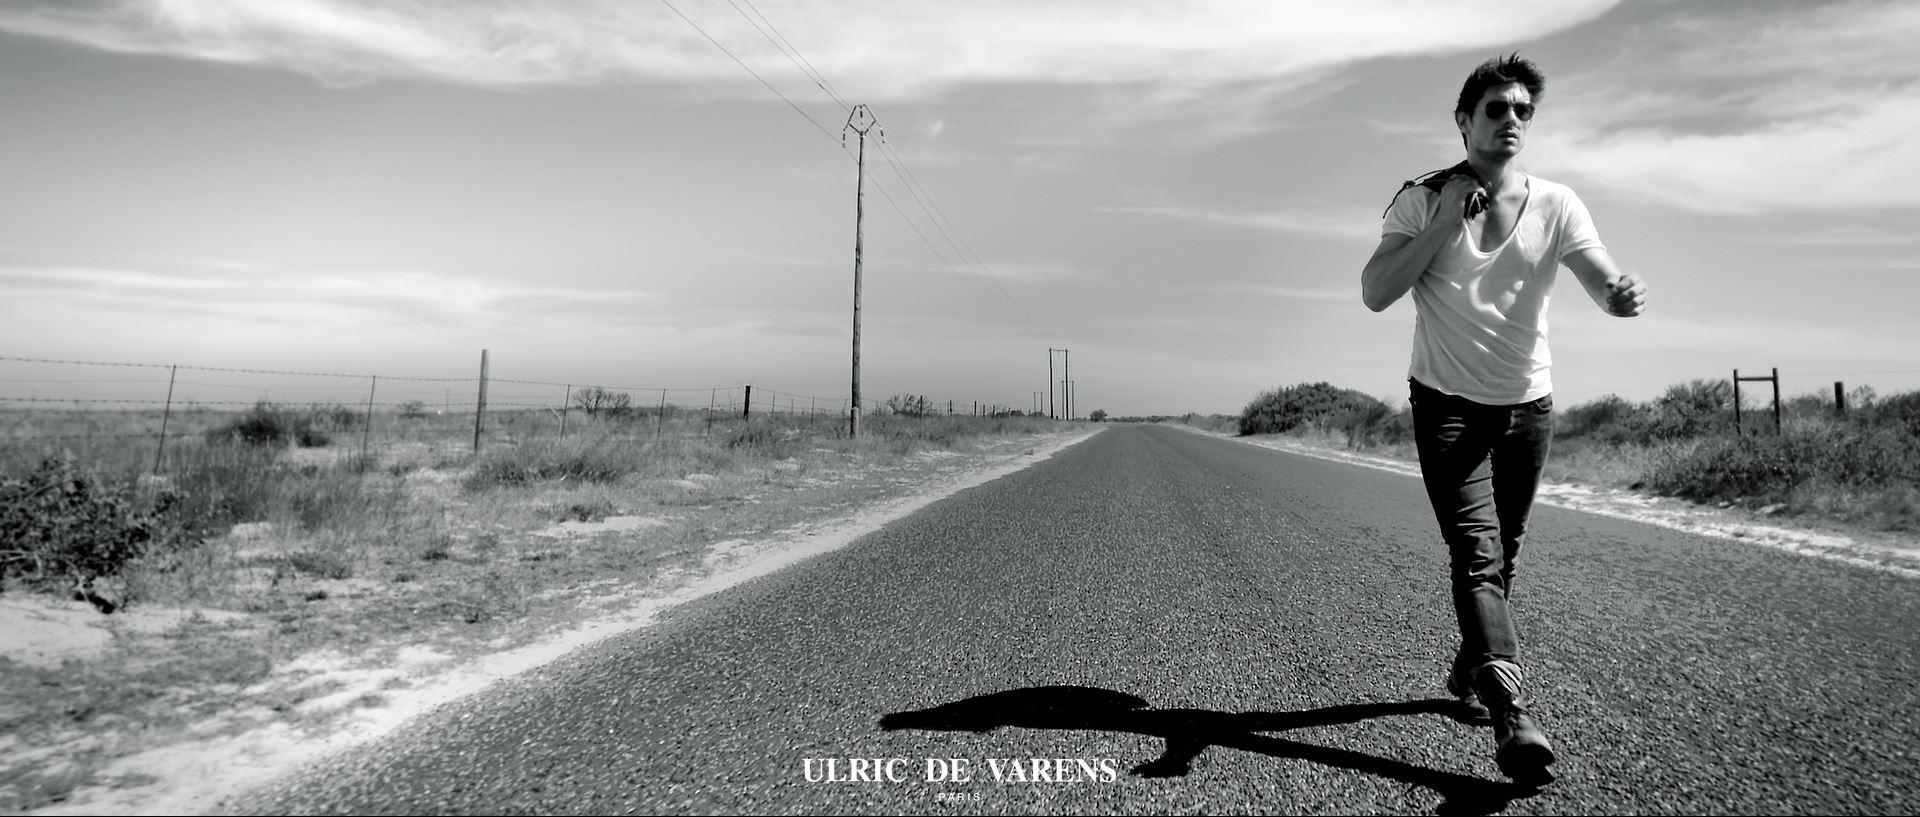 ULRICv Hors-ECRAN-Agence-conseil-production-publicité-realisation-of-video-paris